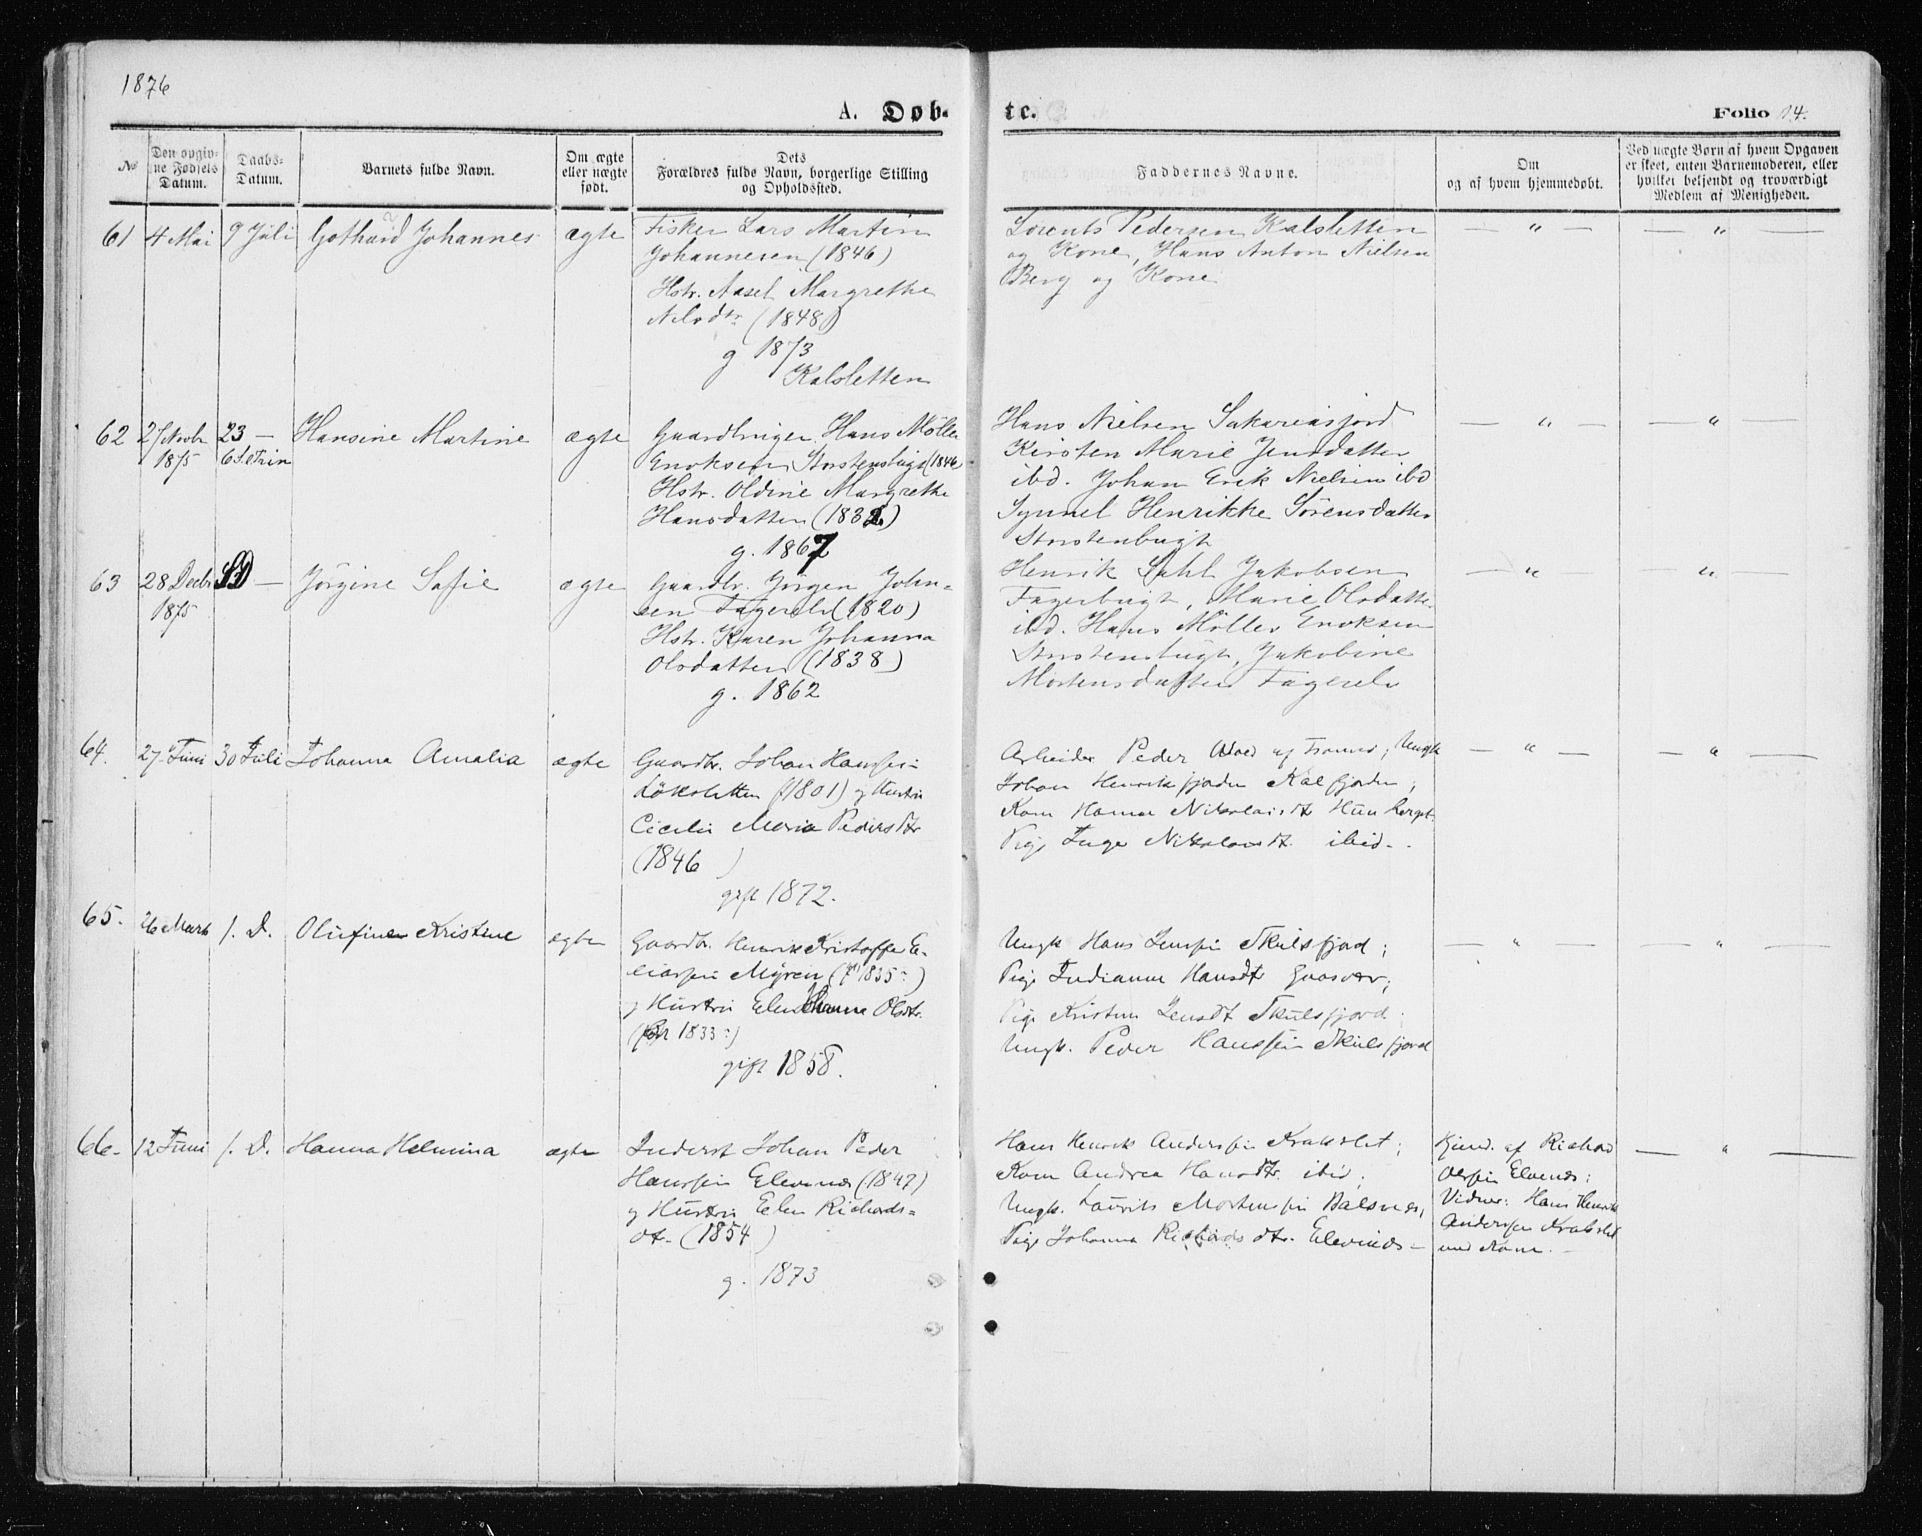 SATØ, Tromsøysund sokneprestkontor, G/Ga/L0003kirke: Ministerialbok nr. 3, 1875-1880, s. 14